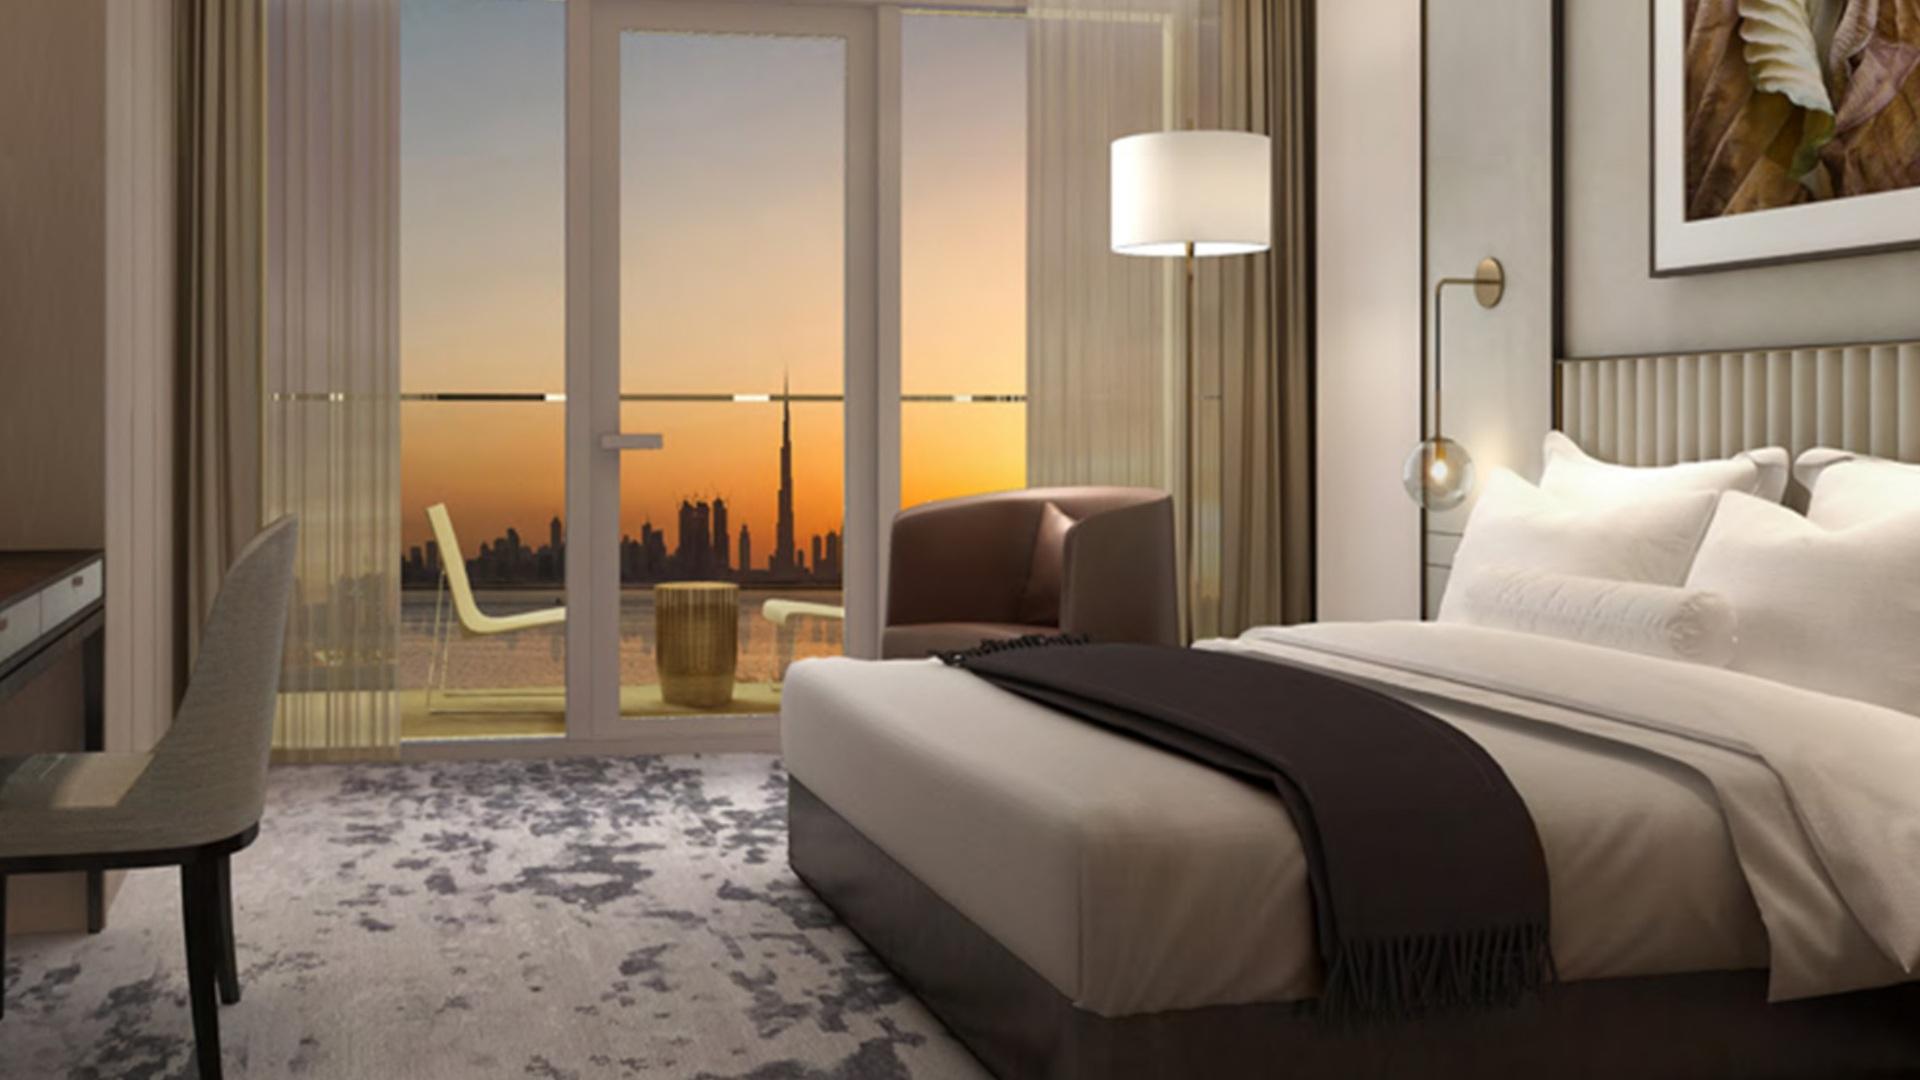 Apartamento en venta en Dubai, EAU, 1 dormitorio, 67 m2, № 24407 – foto 1